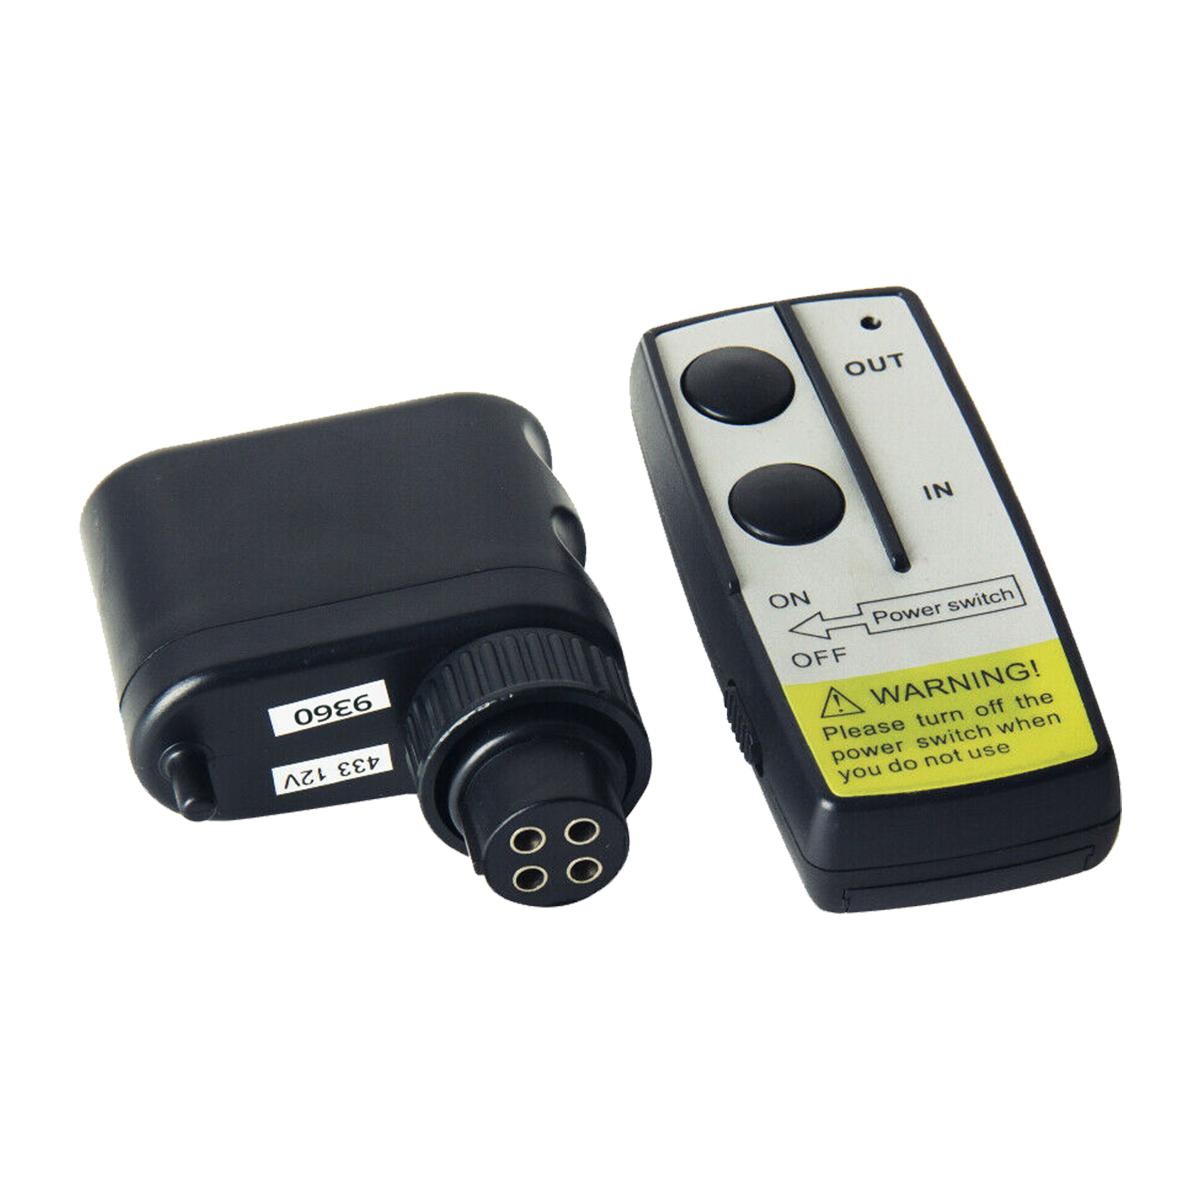 Heavy duty long range model wireless control system for winch